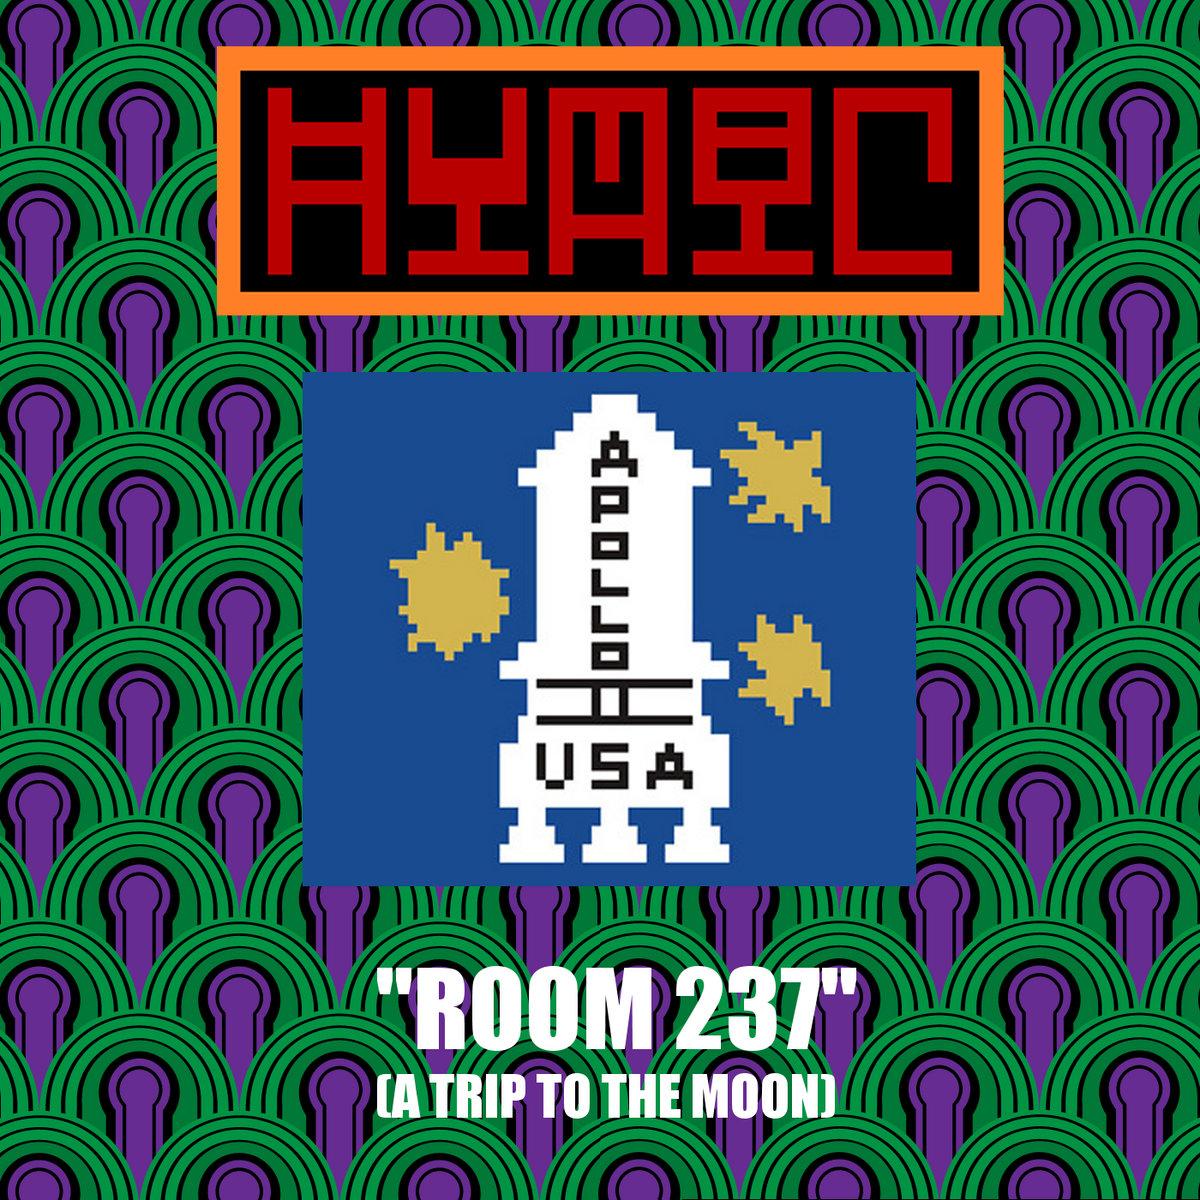 ROOM 237 EP | Human Nihil